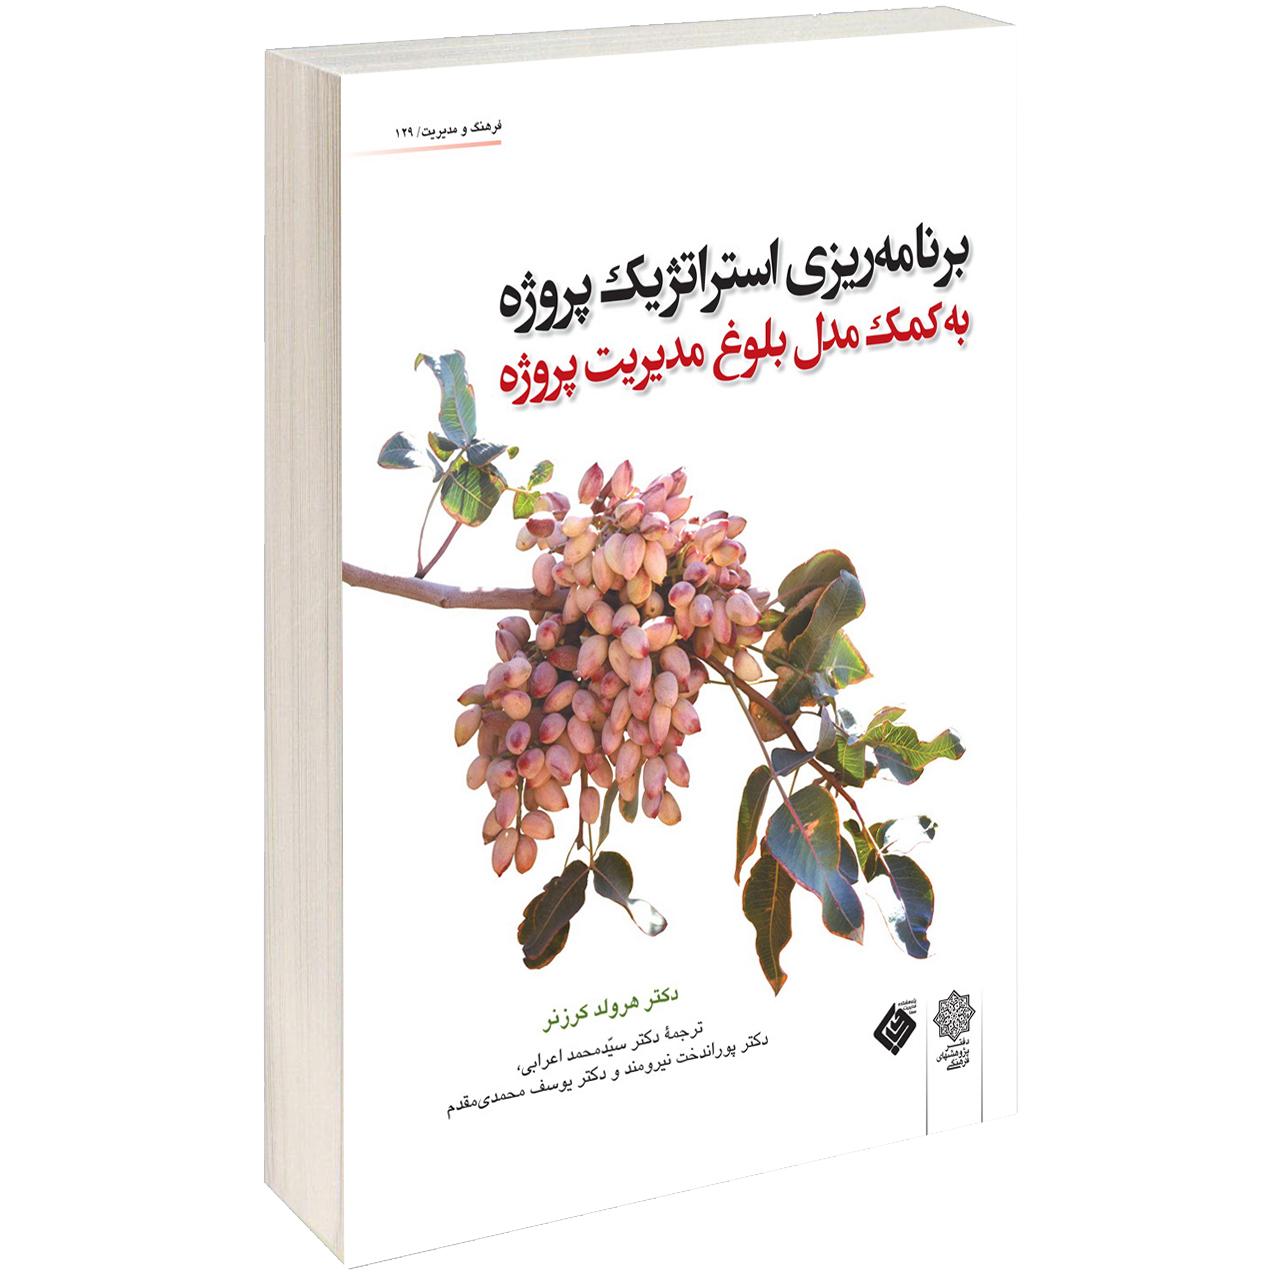 کتاب برنامه ریزی استراتژیک پروژہ اثر هرولد کرزنر